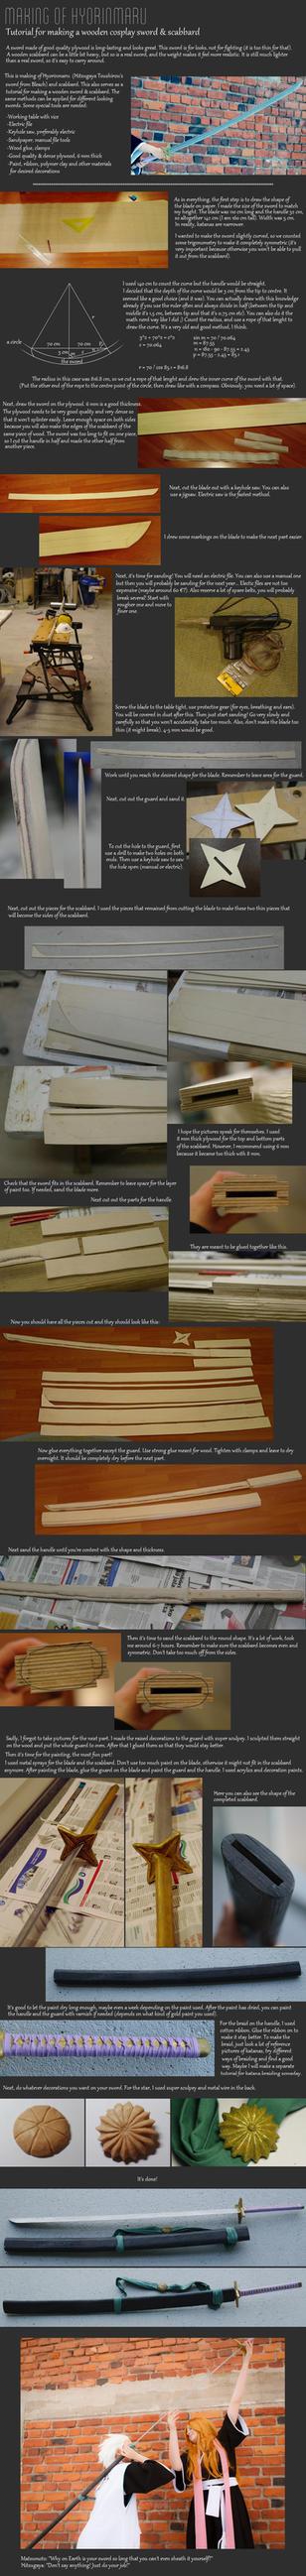 Tutorial: Wooden cosplay sword (Hyorinmaru) by Purplieh